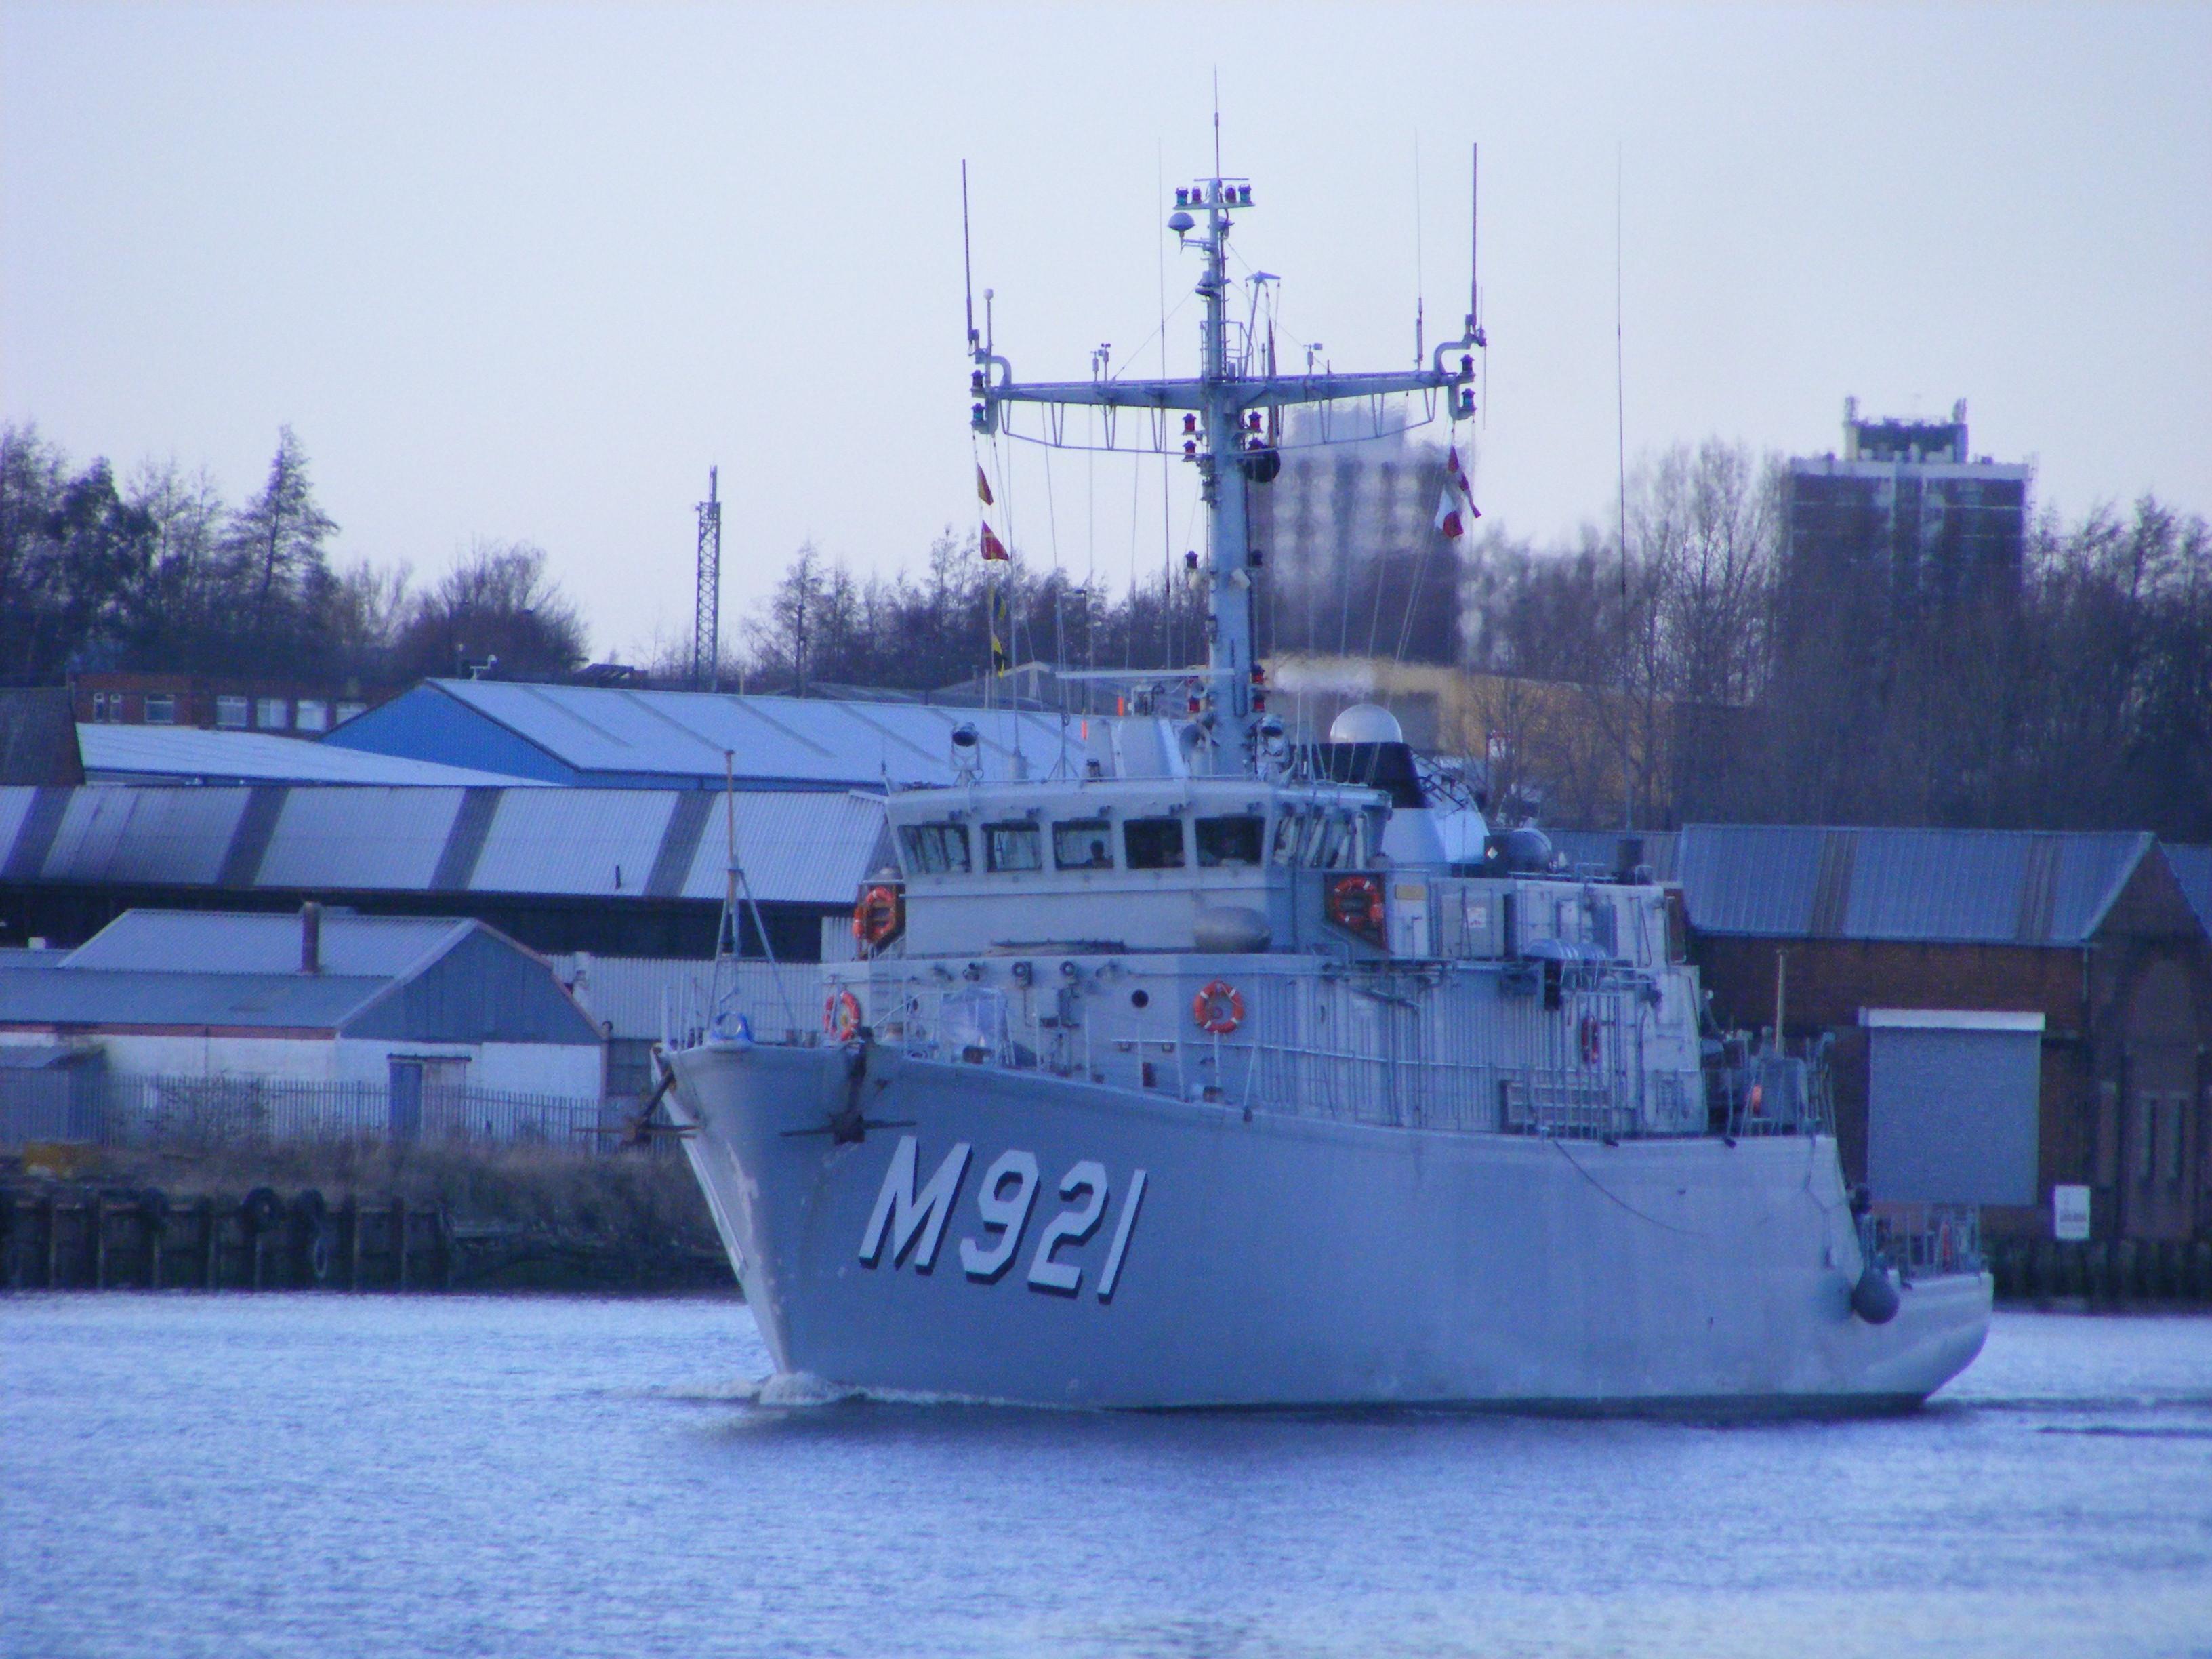 M921 Lobelia 835908